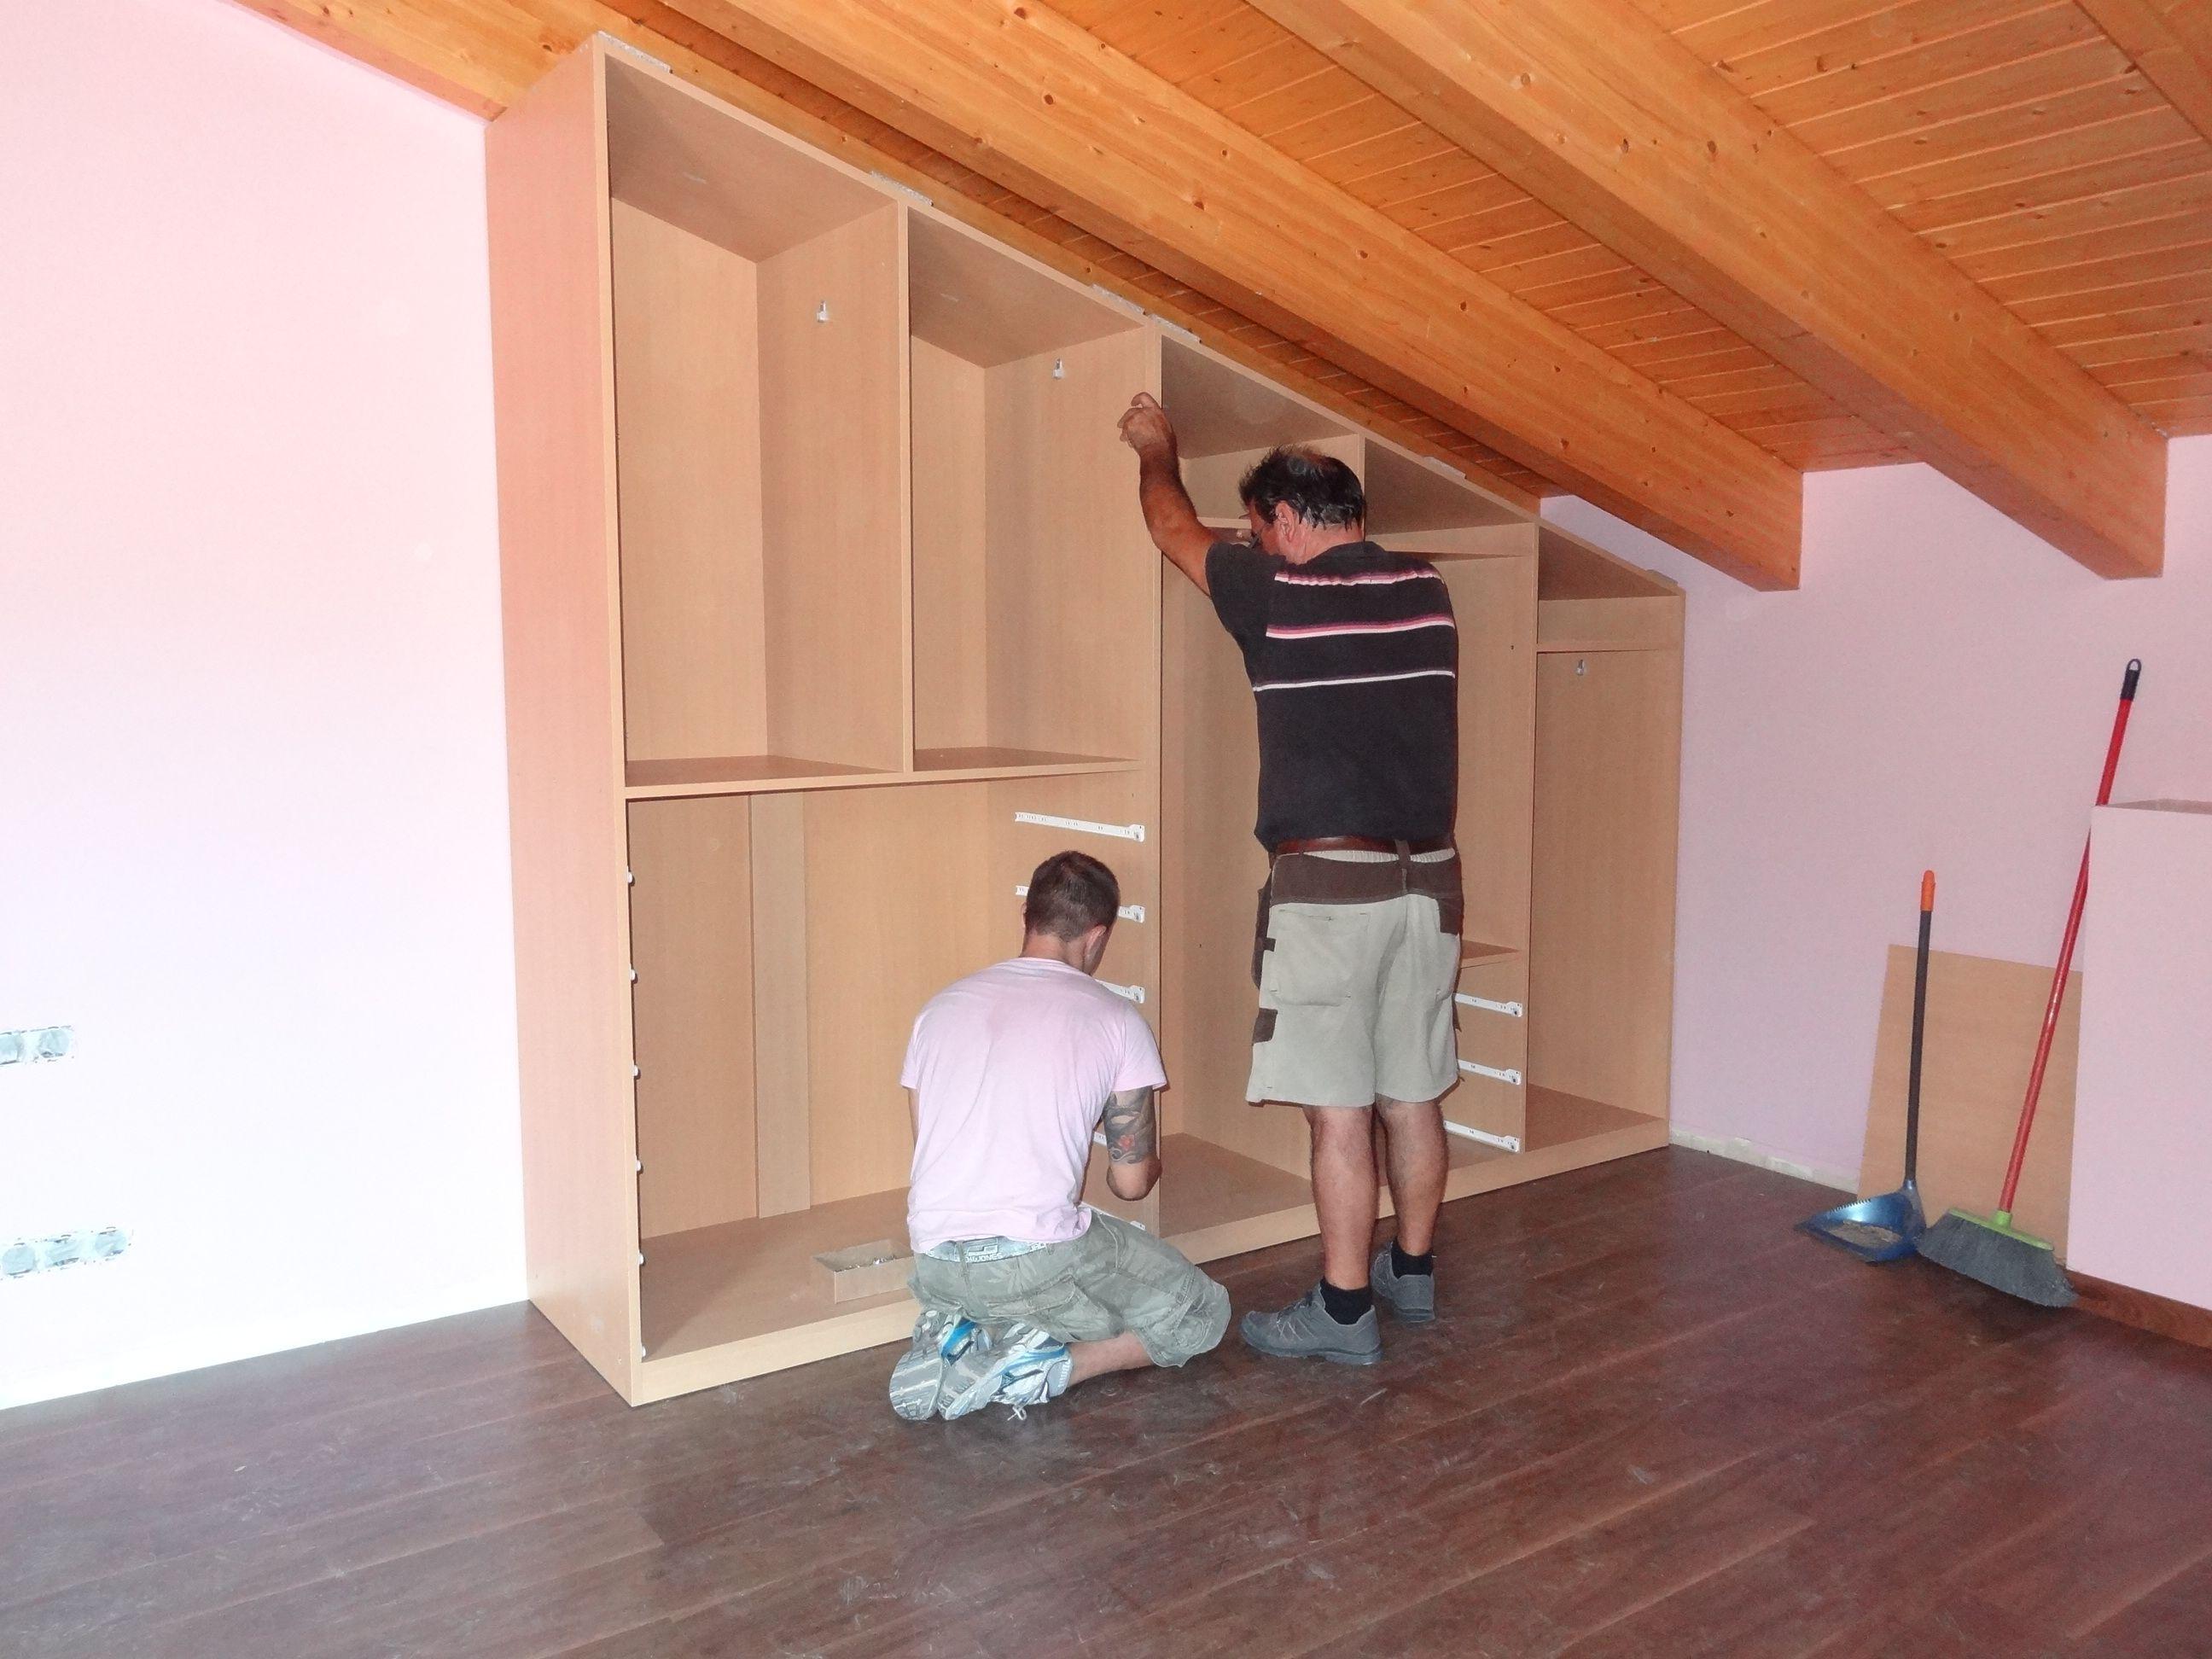 Soluciones a medida para espacios con complicaciones - Muebles para buhardillas ...